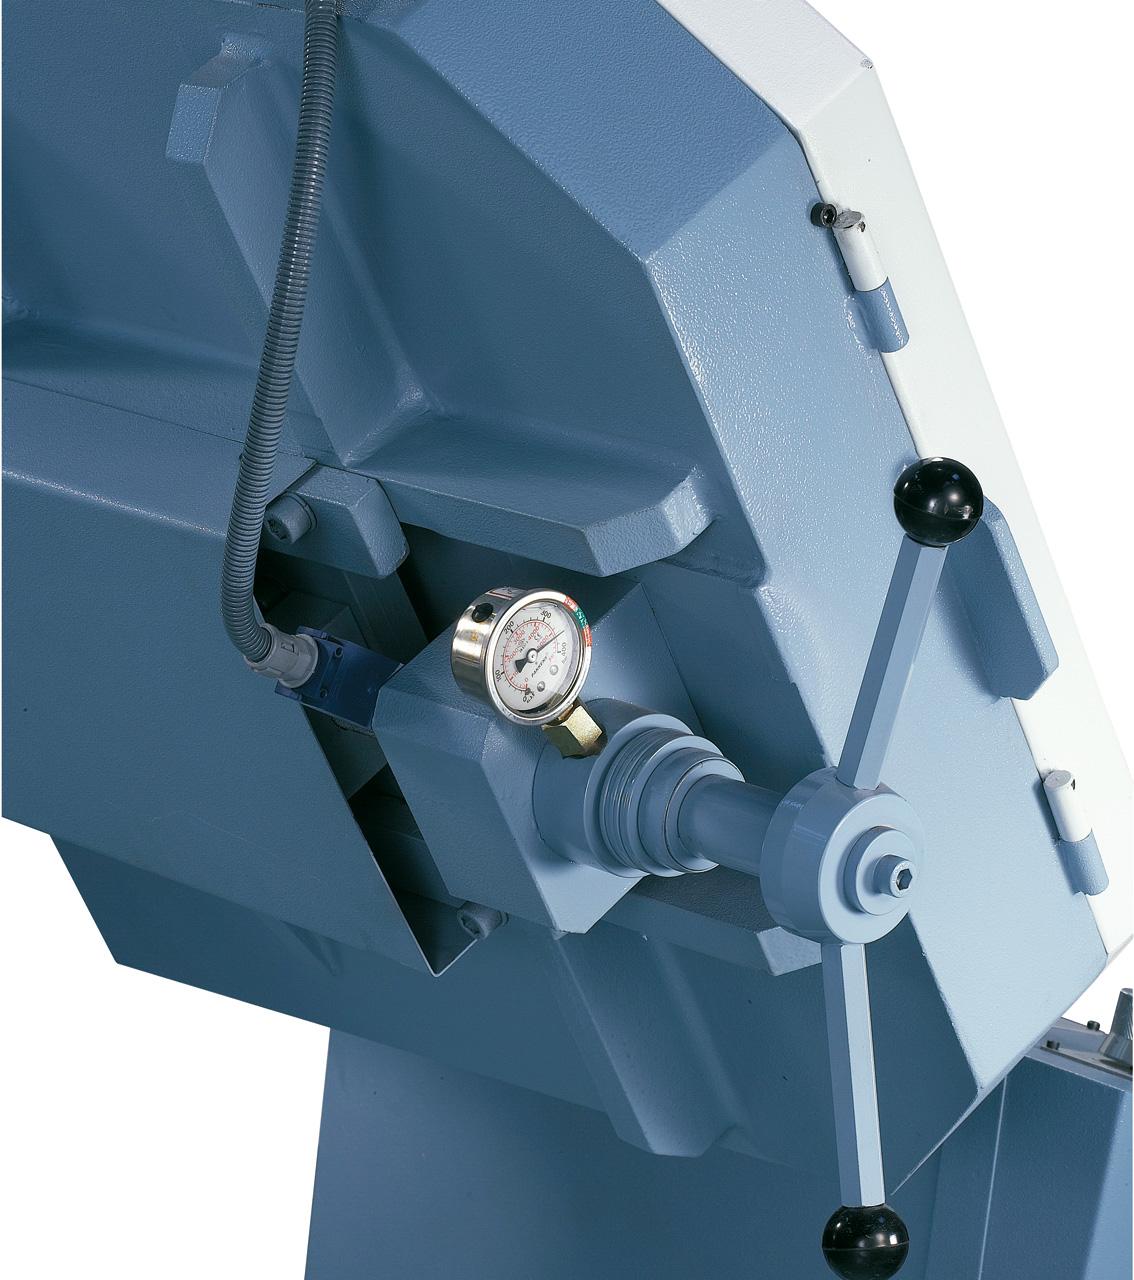 Mittels Manometer kann die Bandspannung optimal eingestellt werden, wodurch die Lebensdauer der Sägebänder erhöht wird.